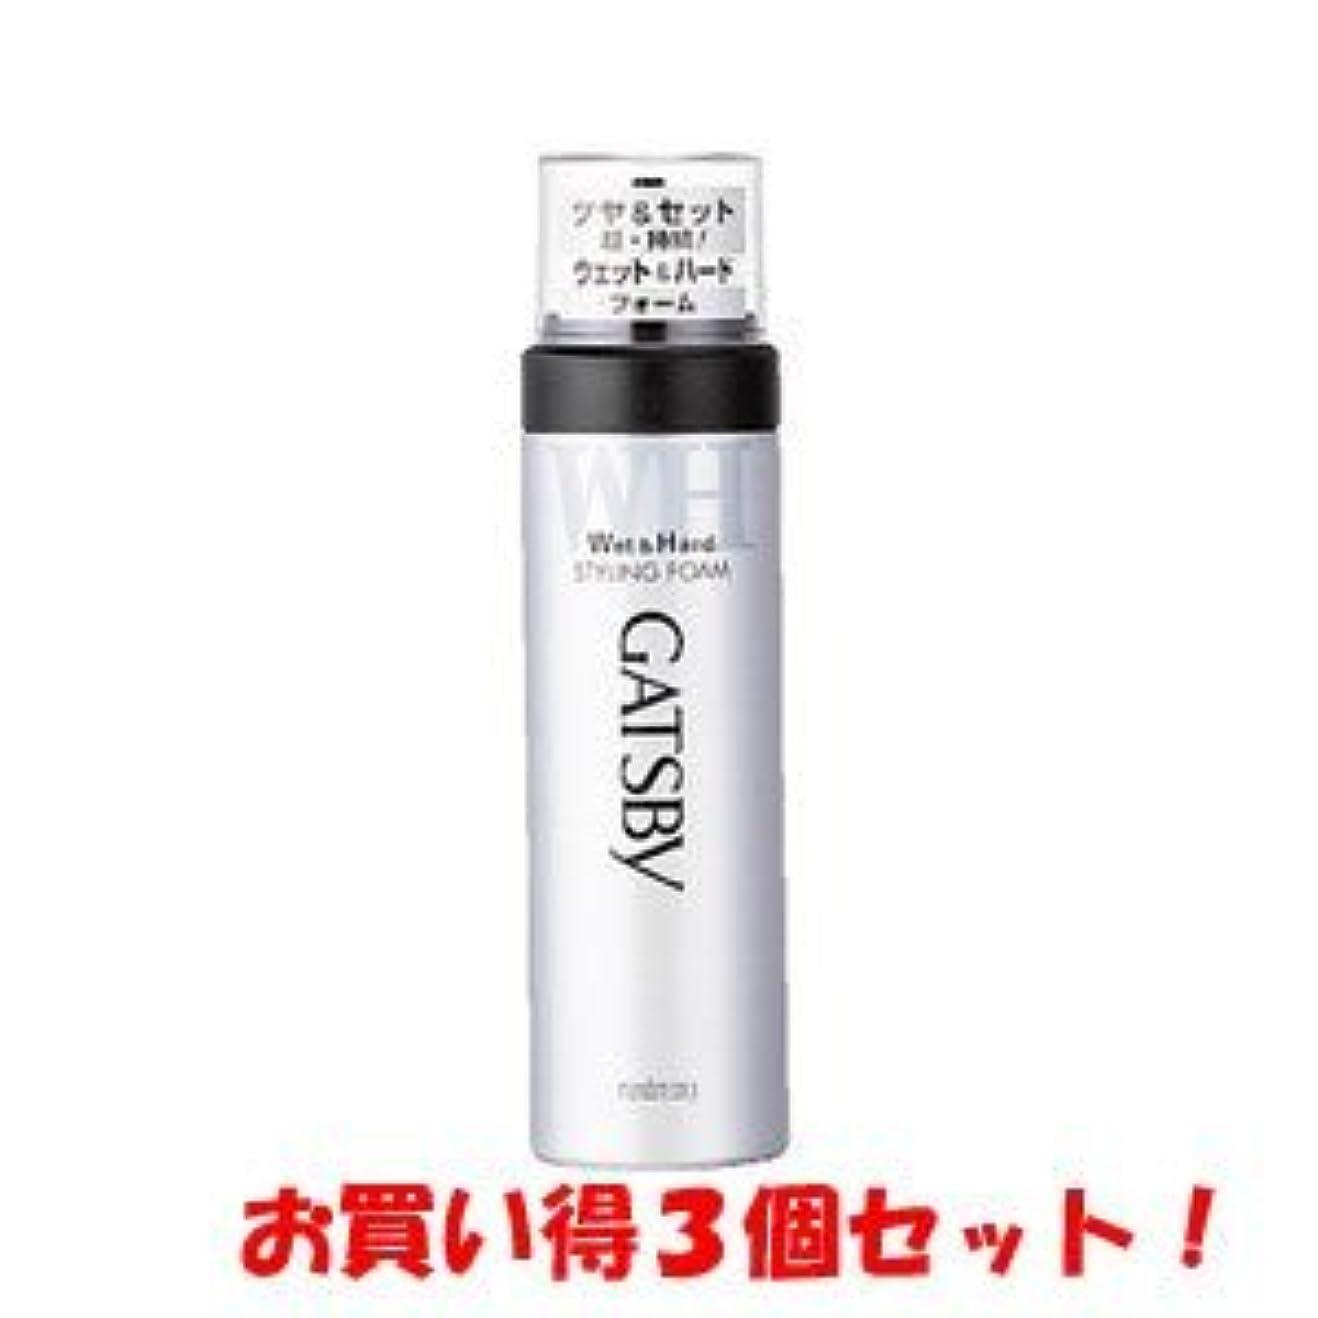 知覚するれる近代化するギャツビー【GATSBY】スタイリングフォーム ウェット&ハード 185g(お買い得3個セット)